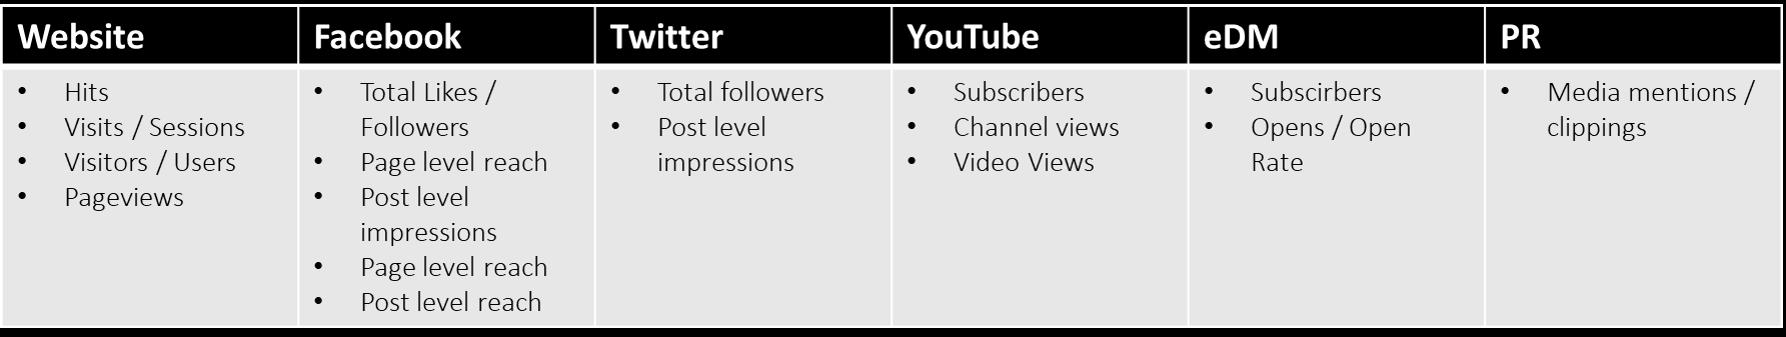 Types of awareness metrics